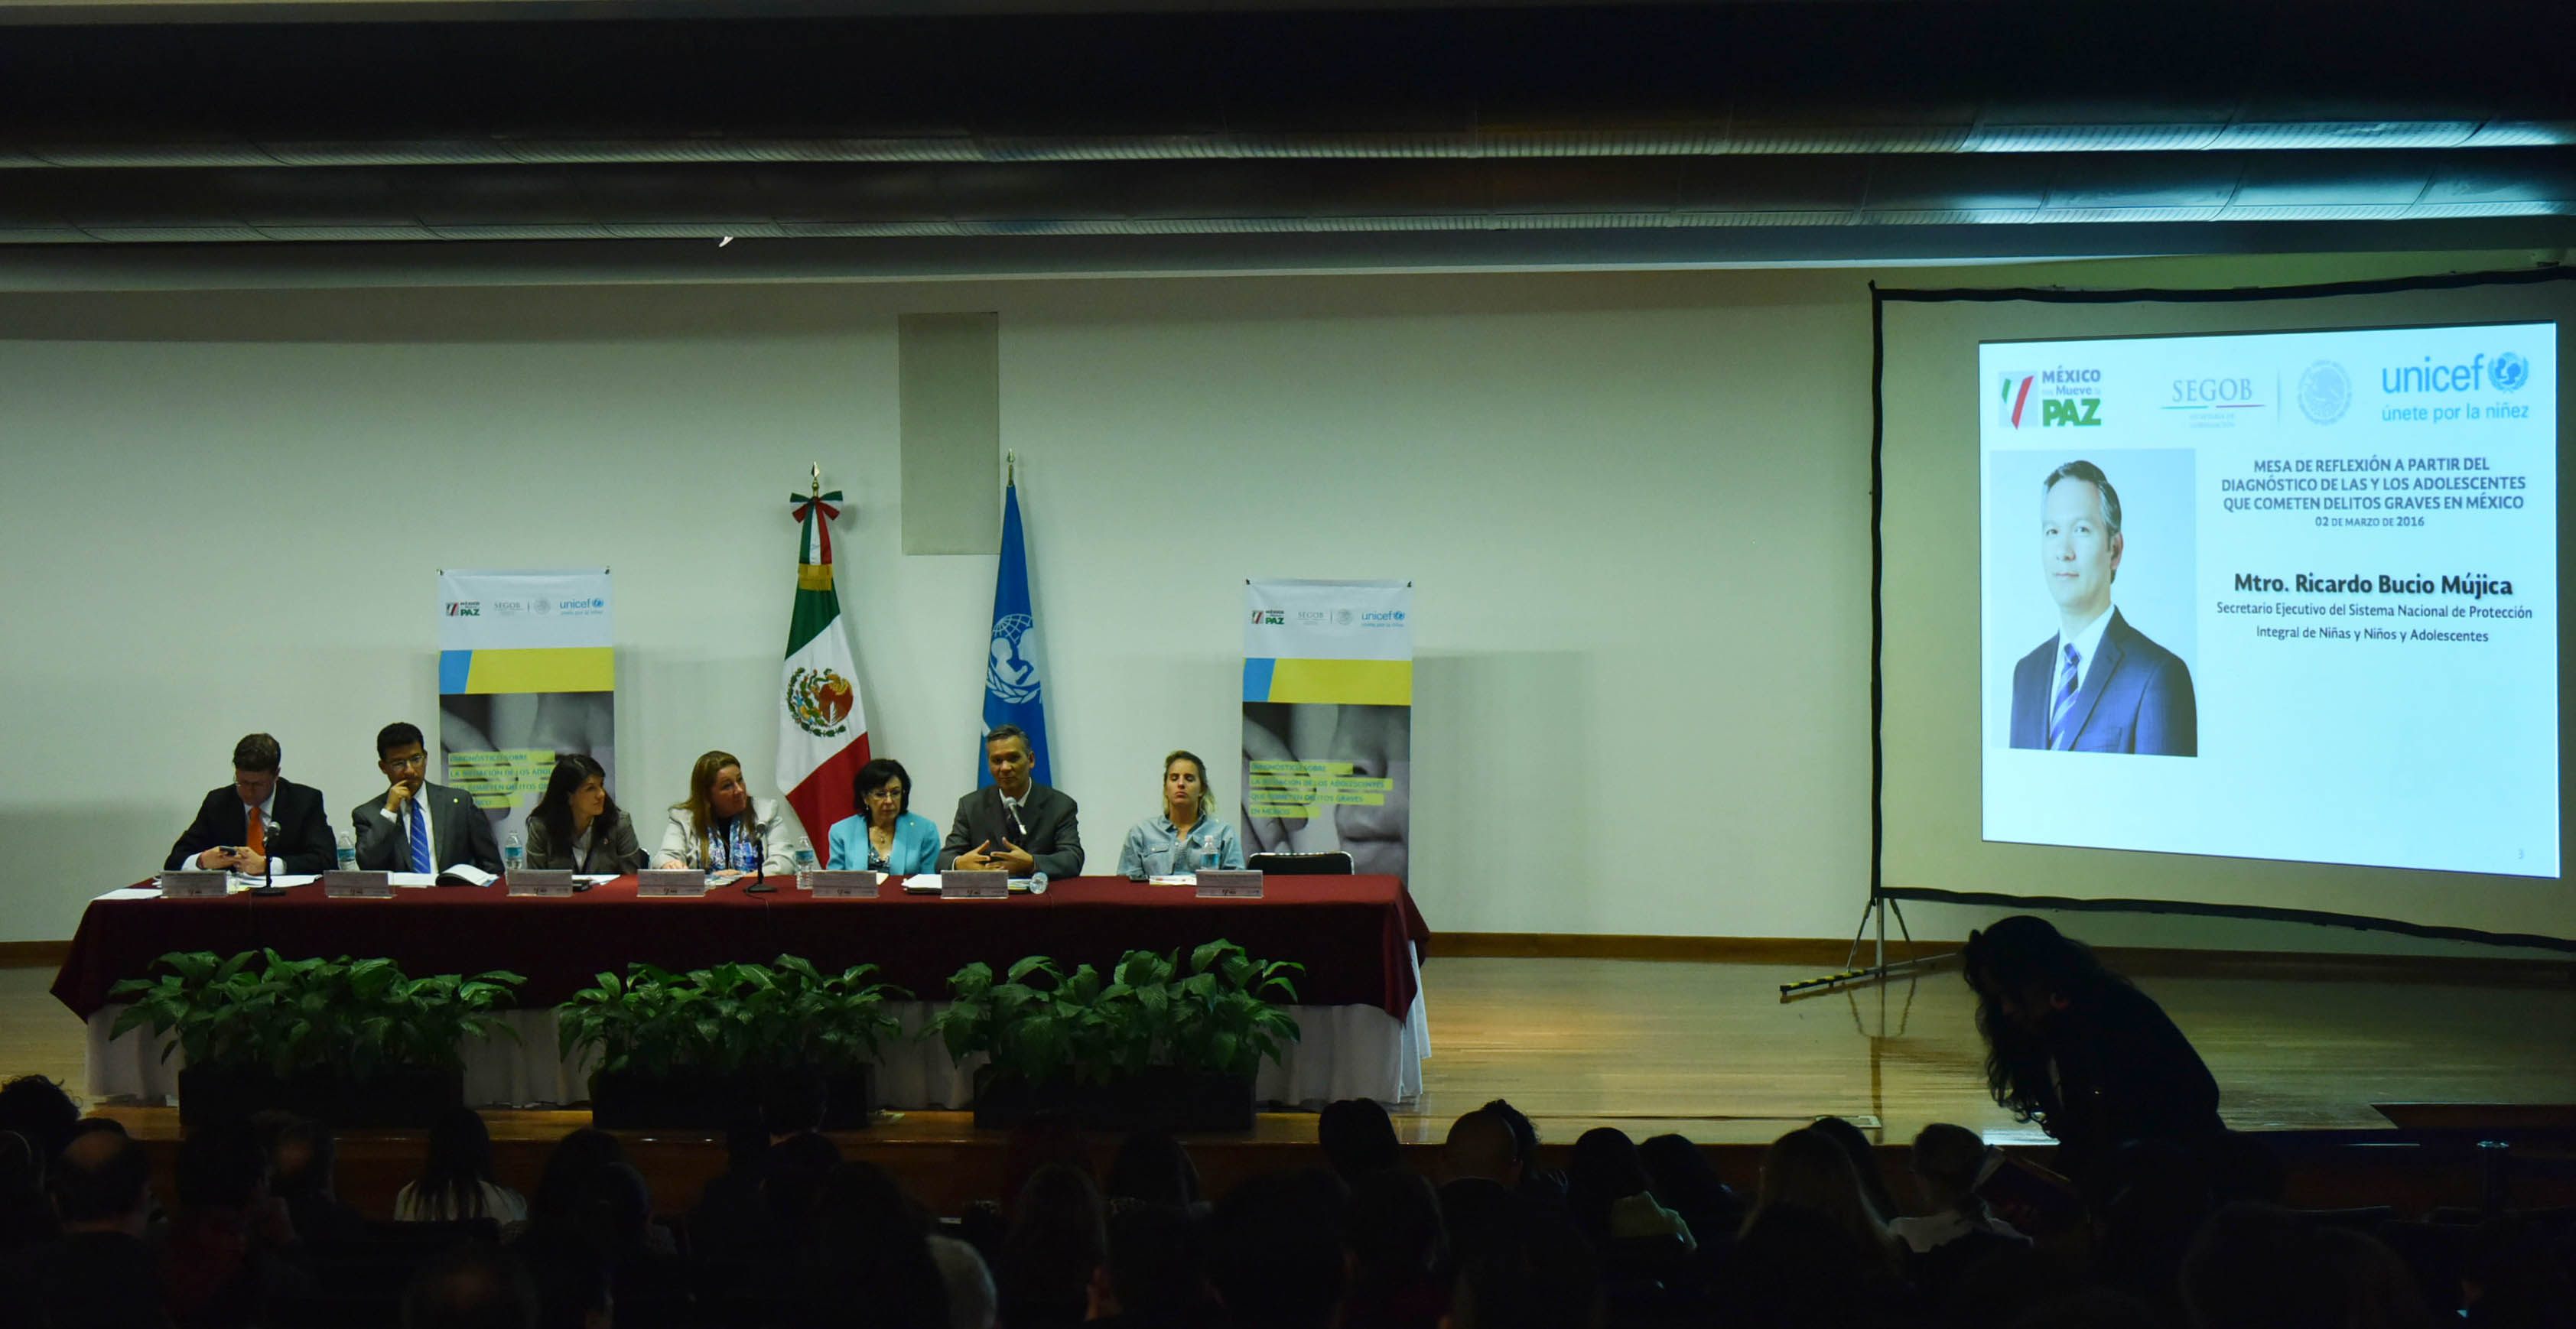 Mesa de reflexión sobre Adolescentes que Cometen Delitos Graves en México